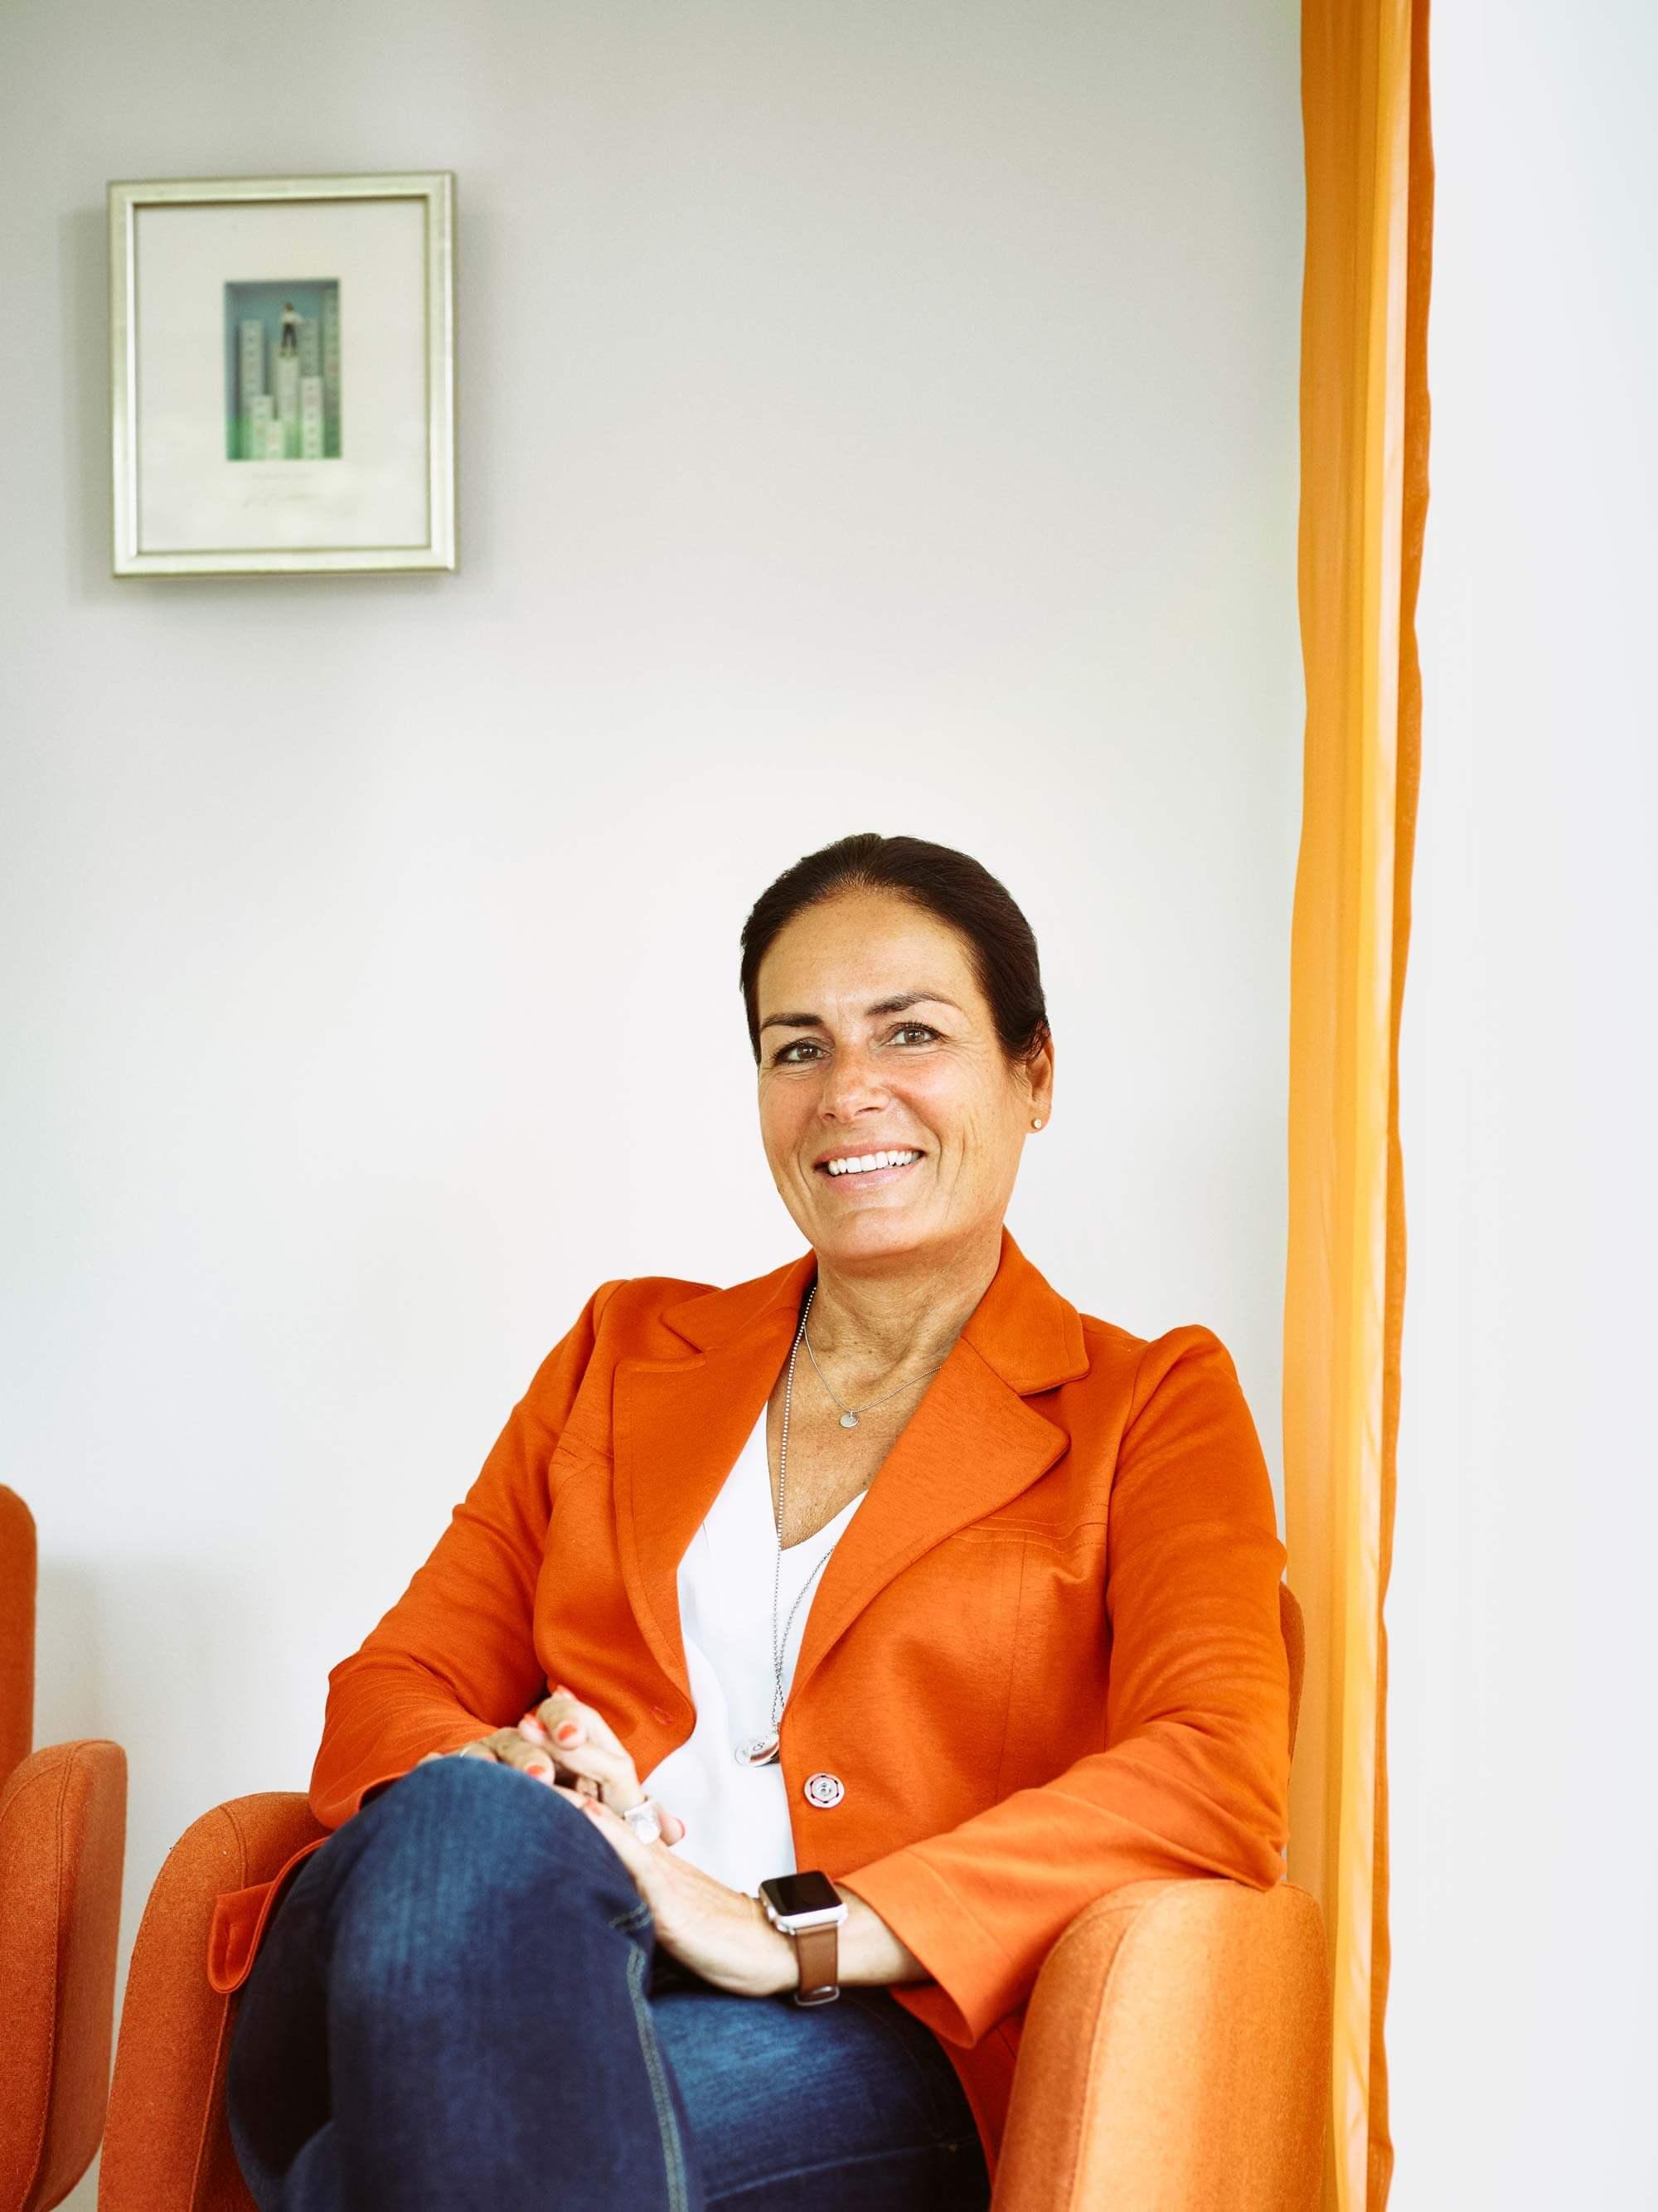 Manuela Reibold-Rolinger mit orangenfarbenem Jacket